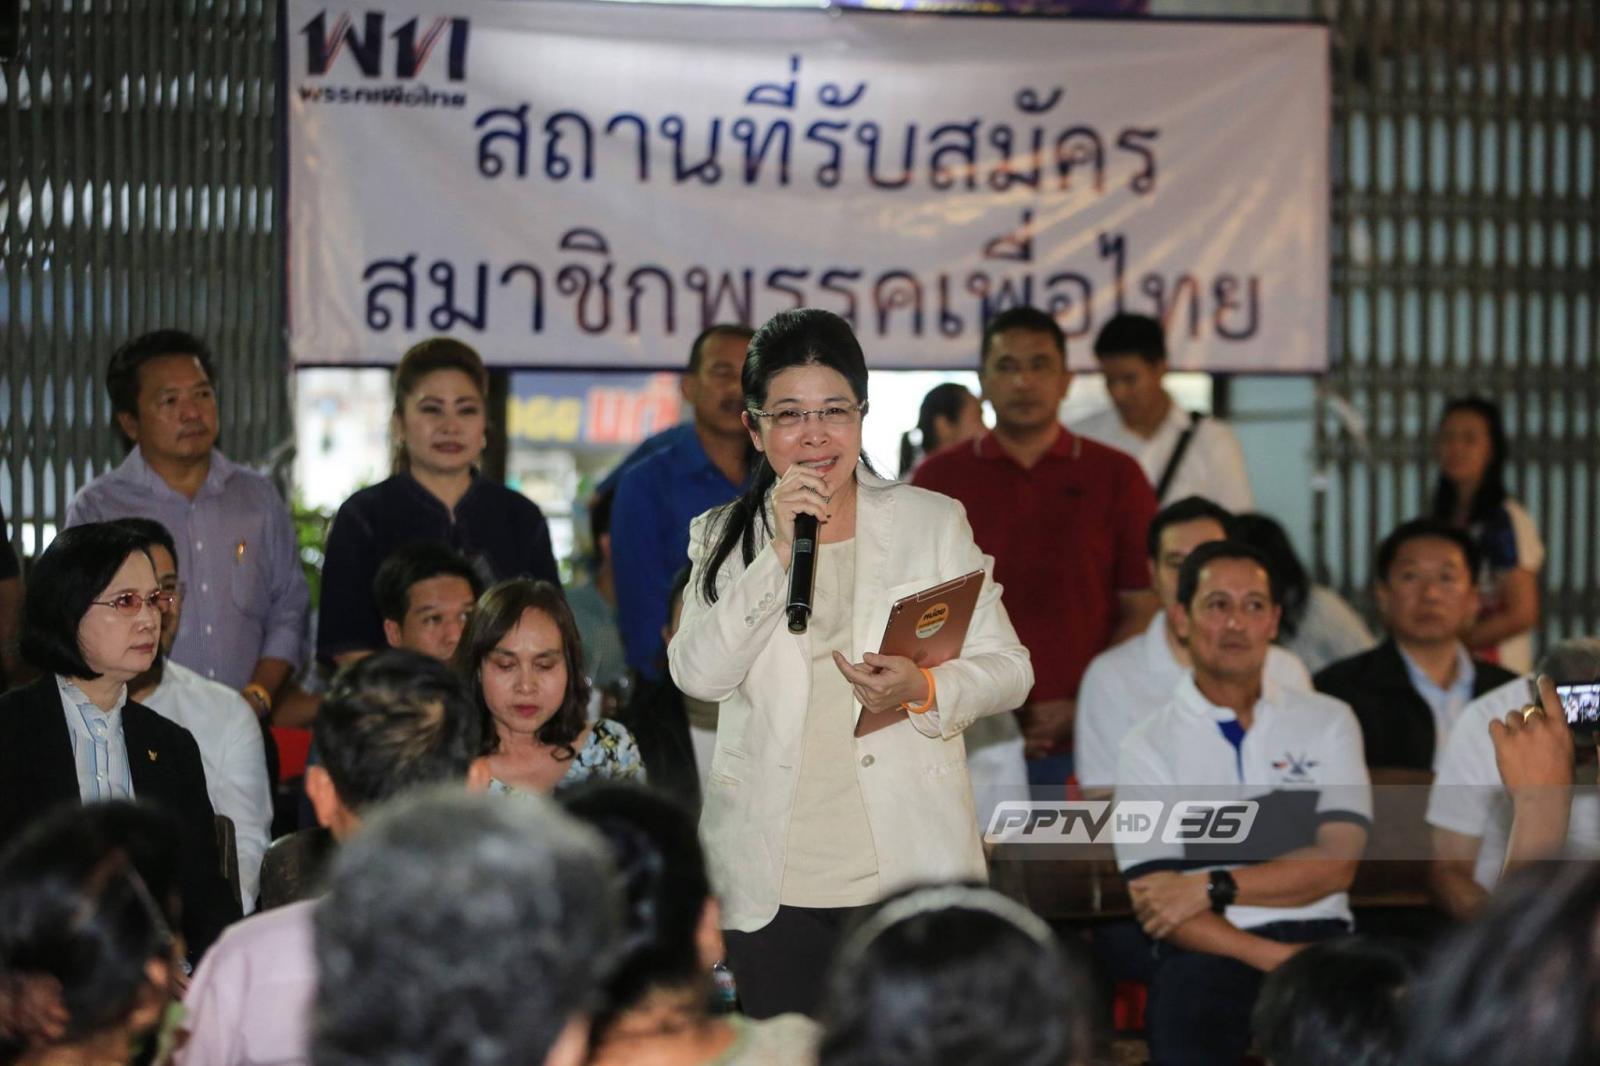 """""""สุดารัตน์"""" ยัน อดีตส.ส.ย้ายซบ """"พลังประชารัฐ""""ไม่กระทบเพื่อไทย อวยพรขอให้โชคดี"""